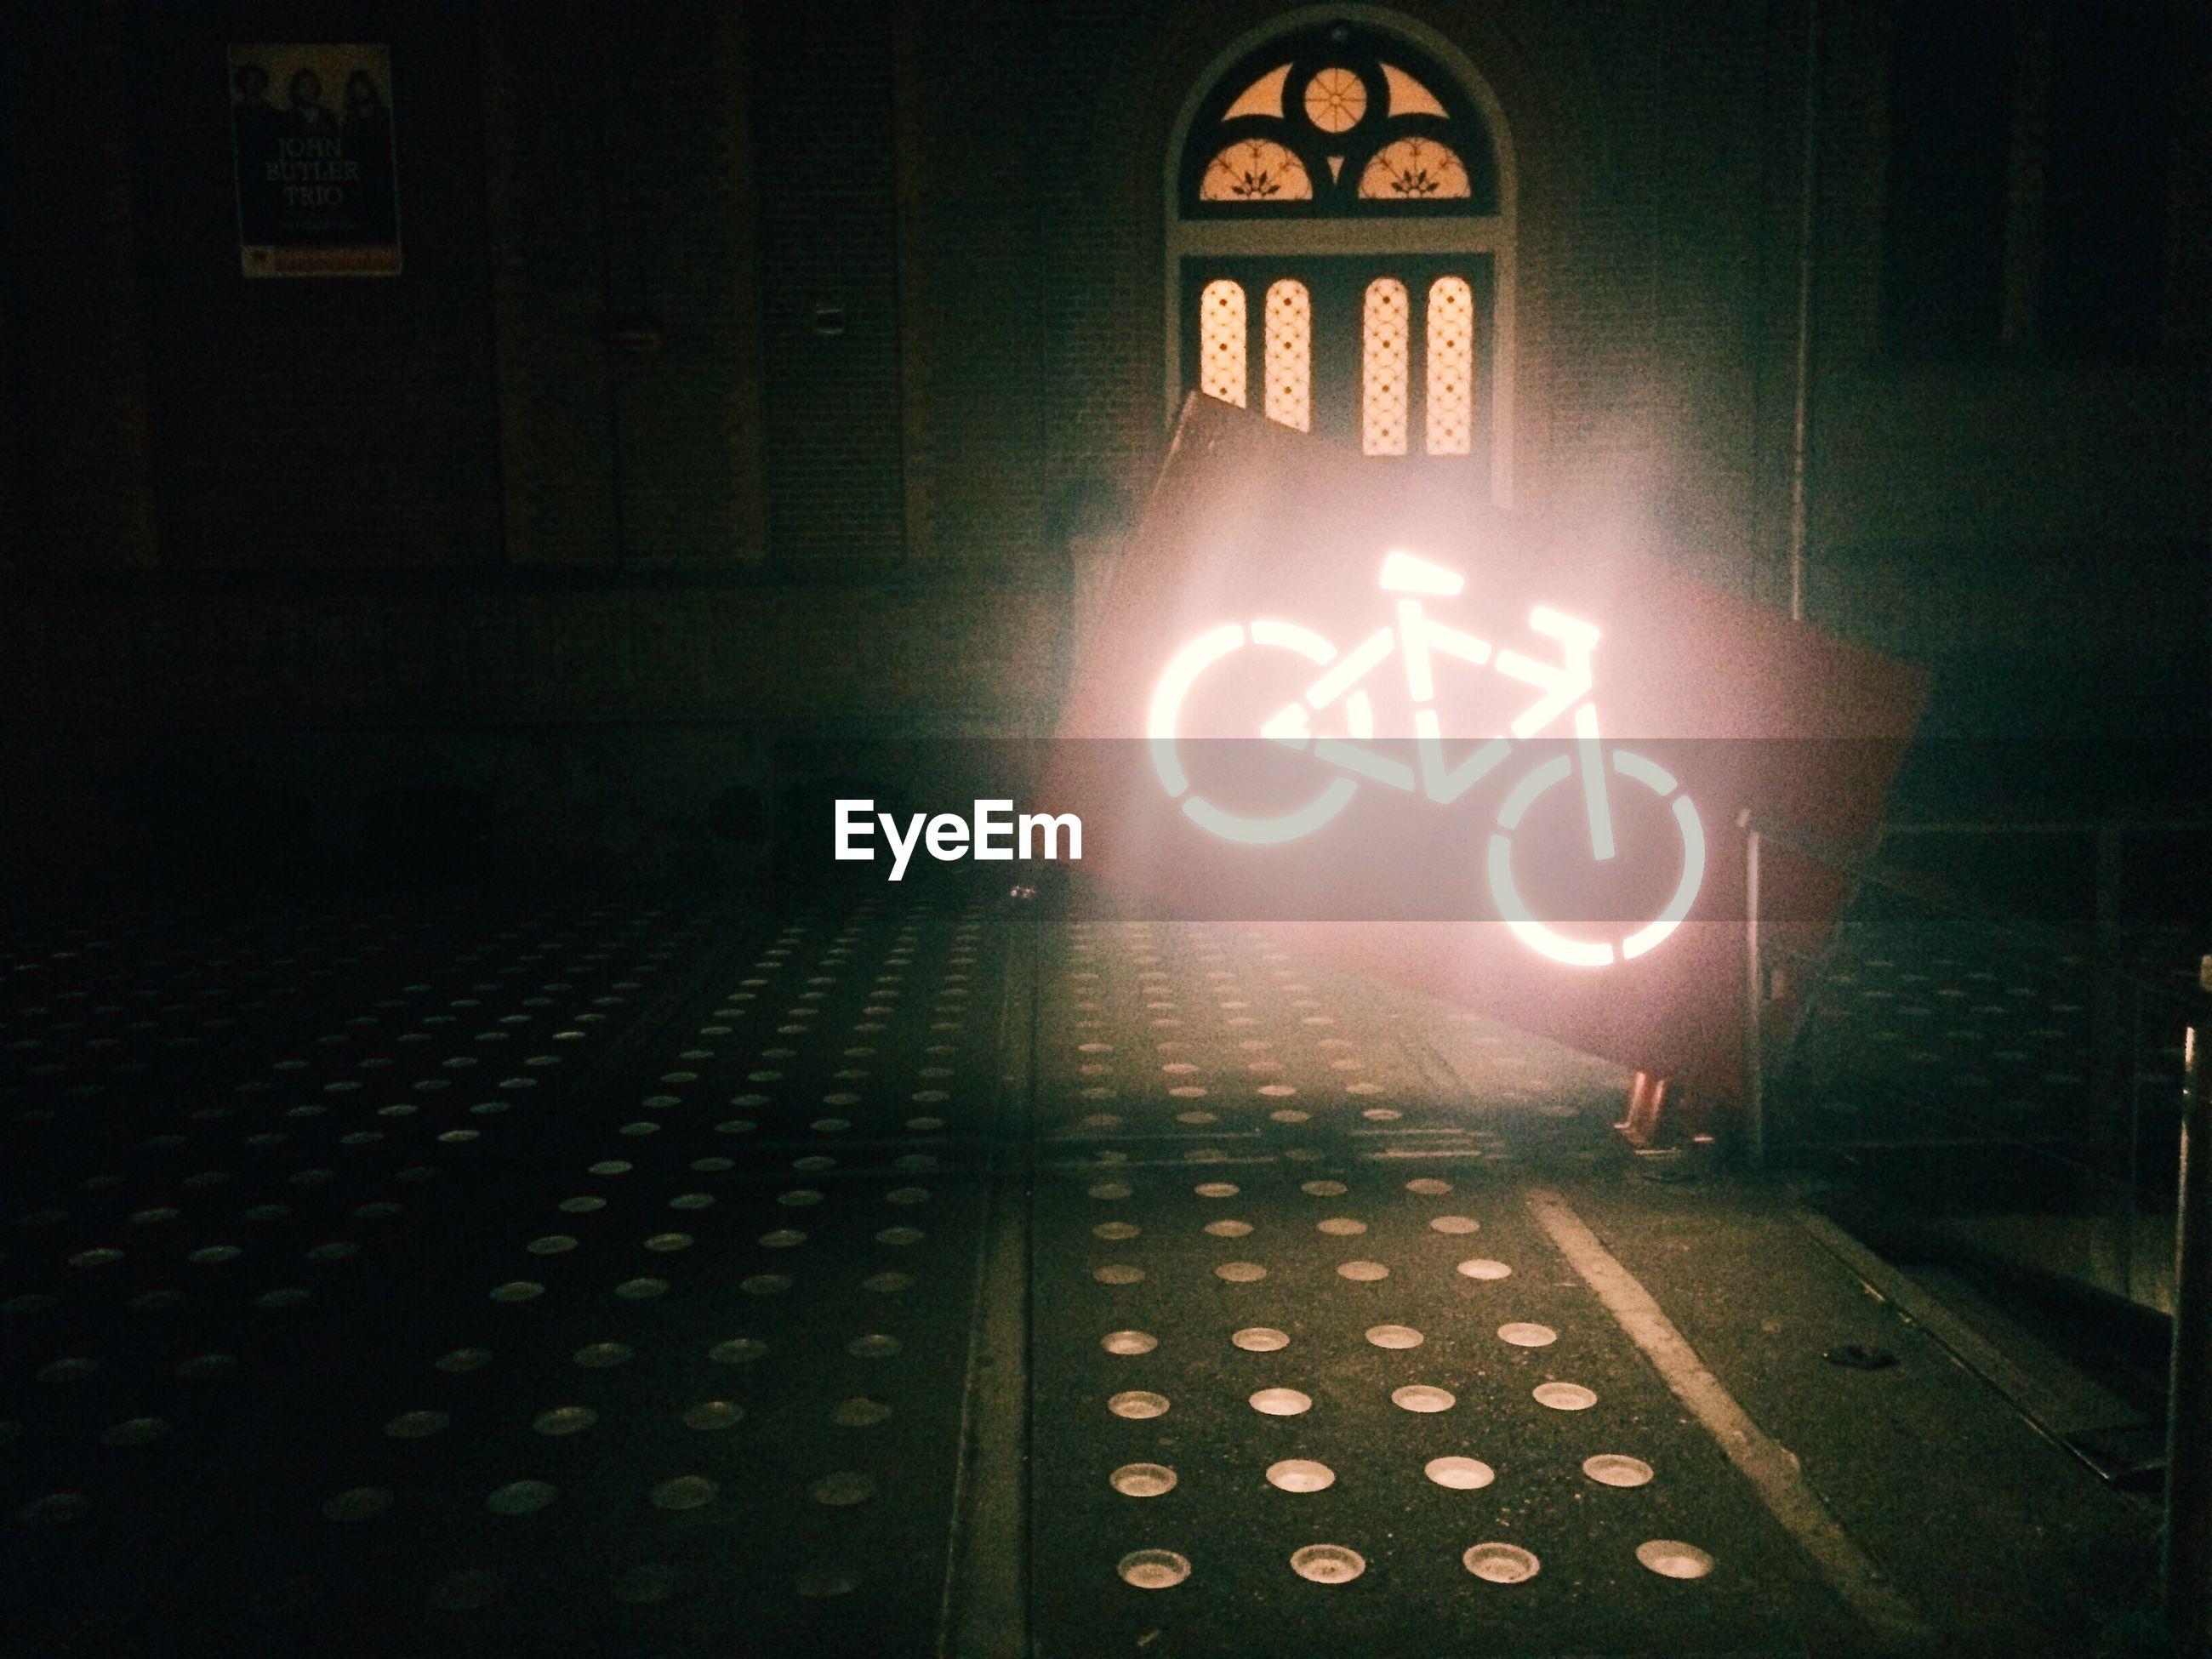 INFORMATION SIGN ON ILLUMINATED LIGHT